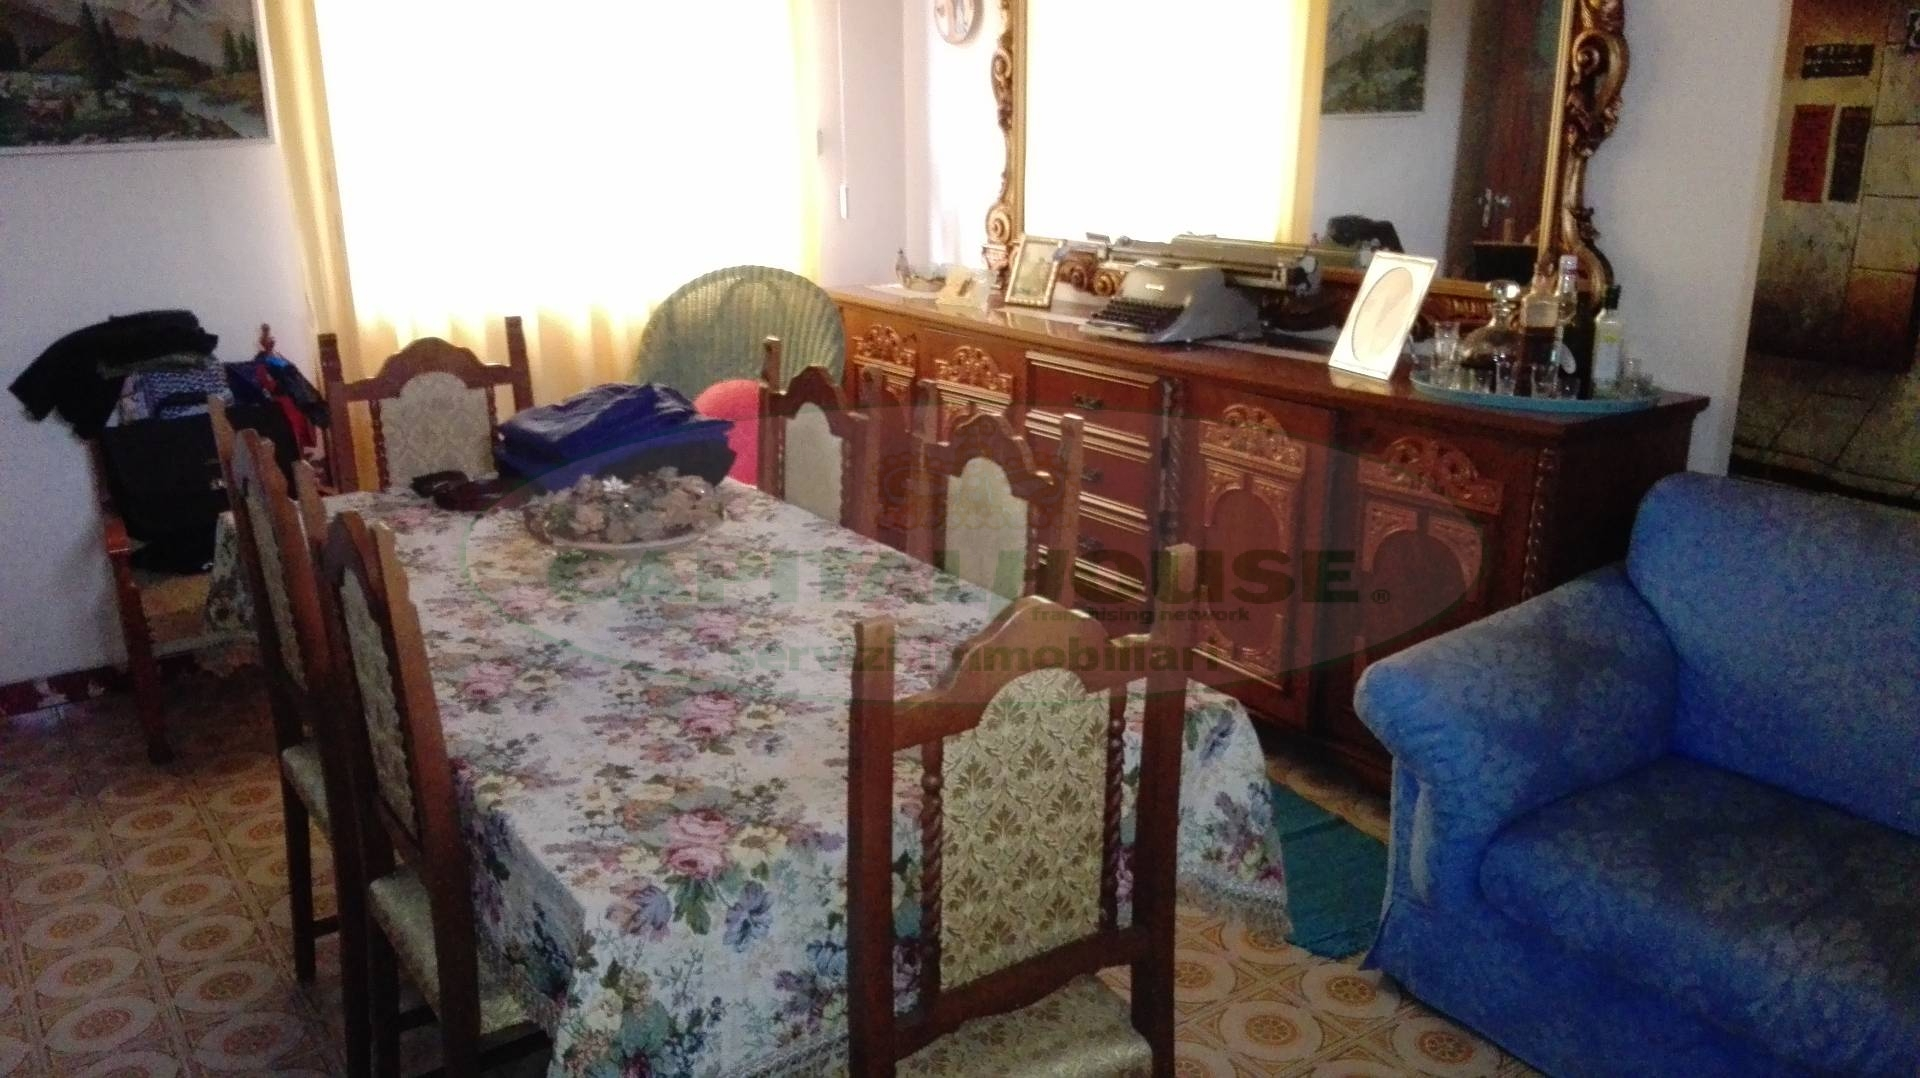 Appartamento in affitto a Macerata Campania, 3 locali, zona Zona: Caturano, prezzo € 260 | Cambio Casa.it